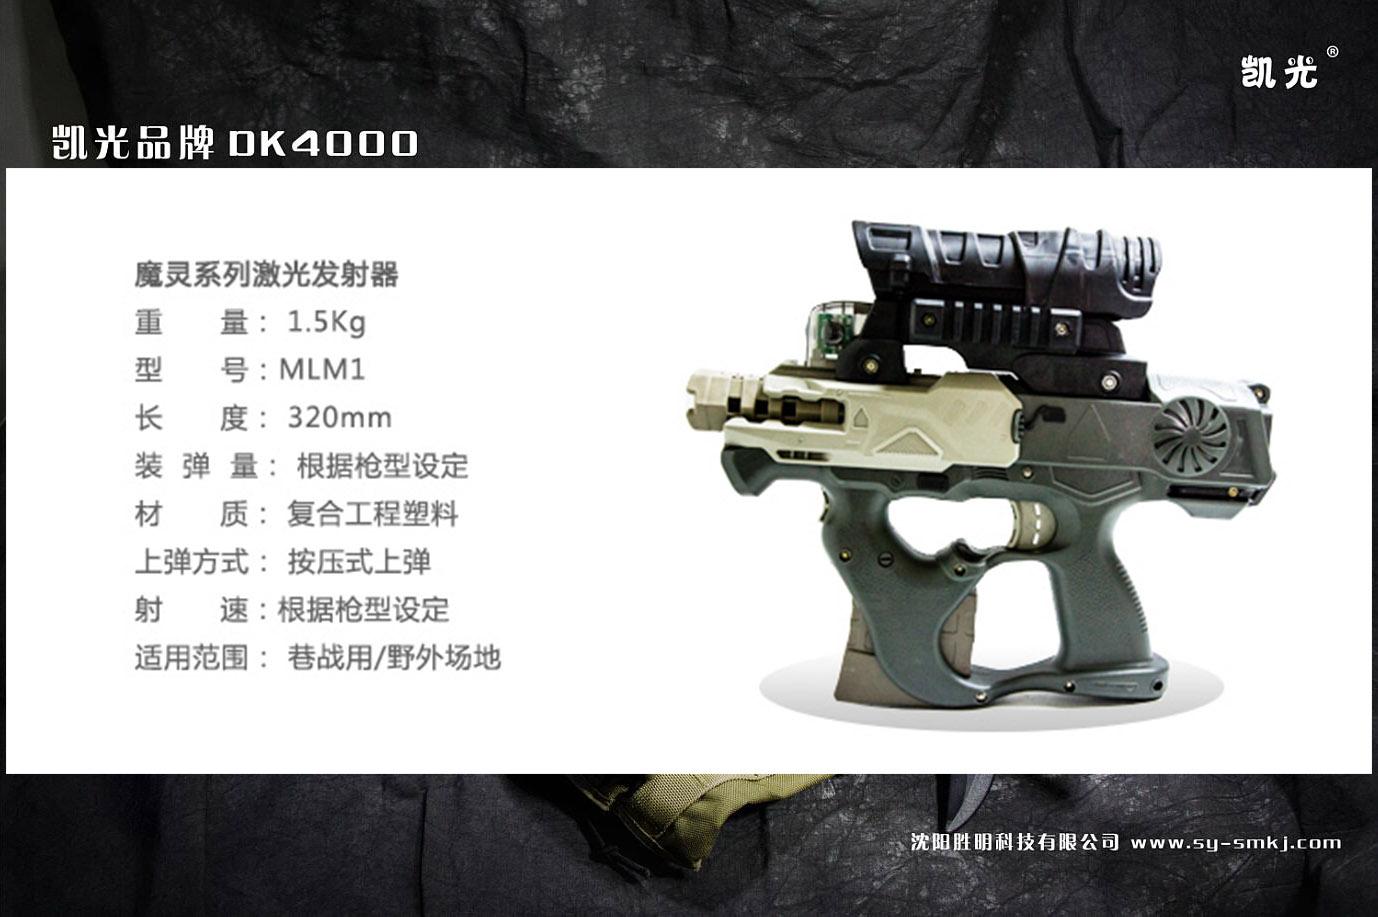 DK4000魔灵激光发射器